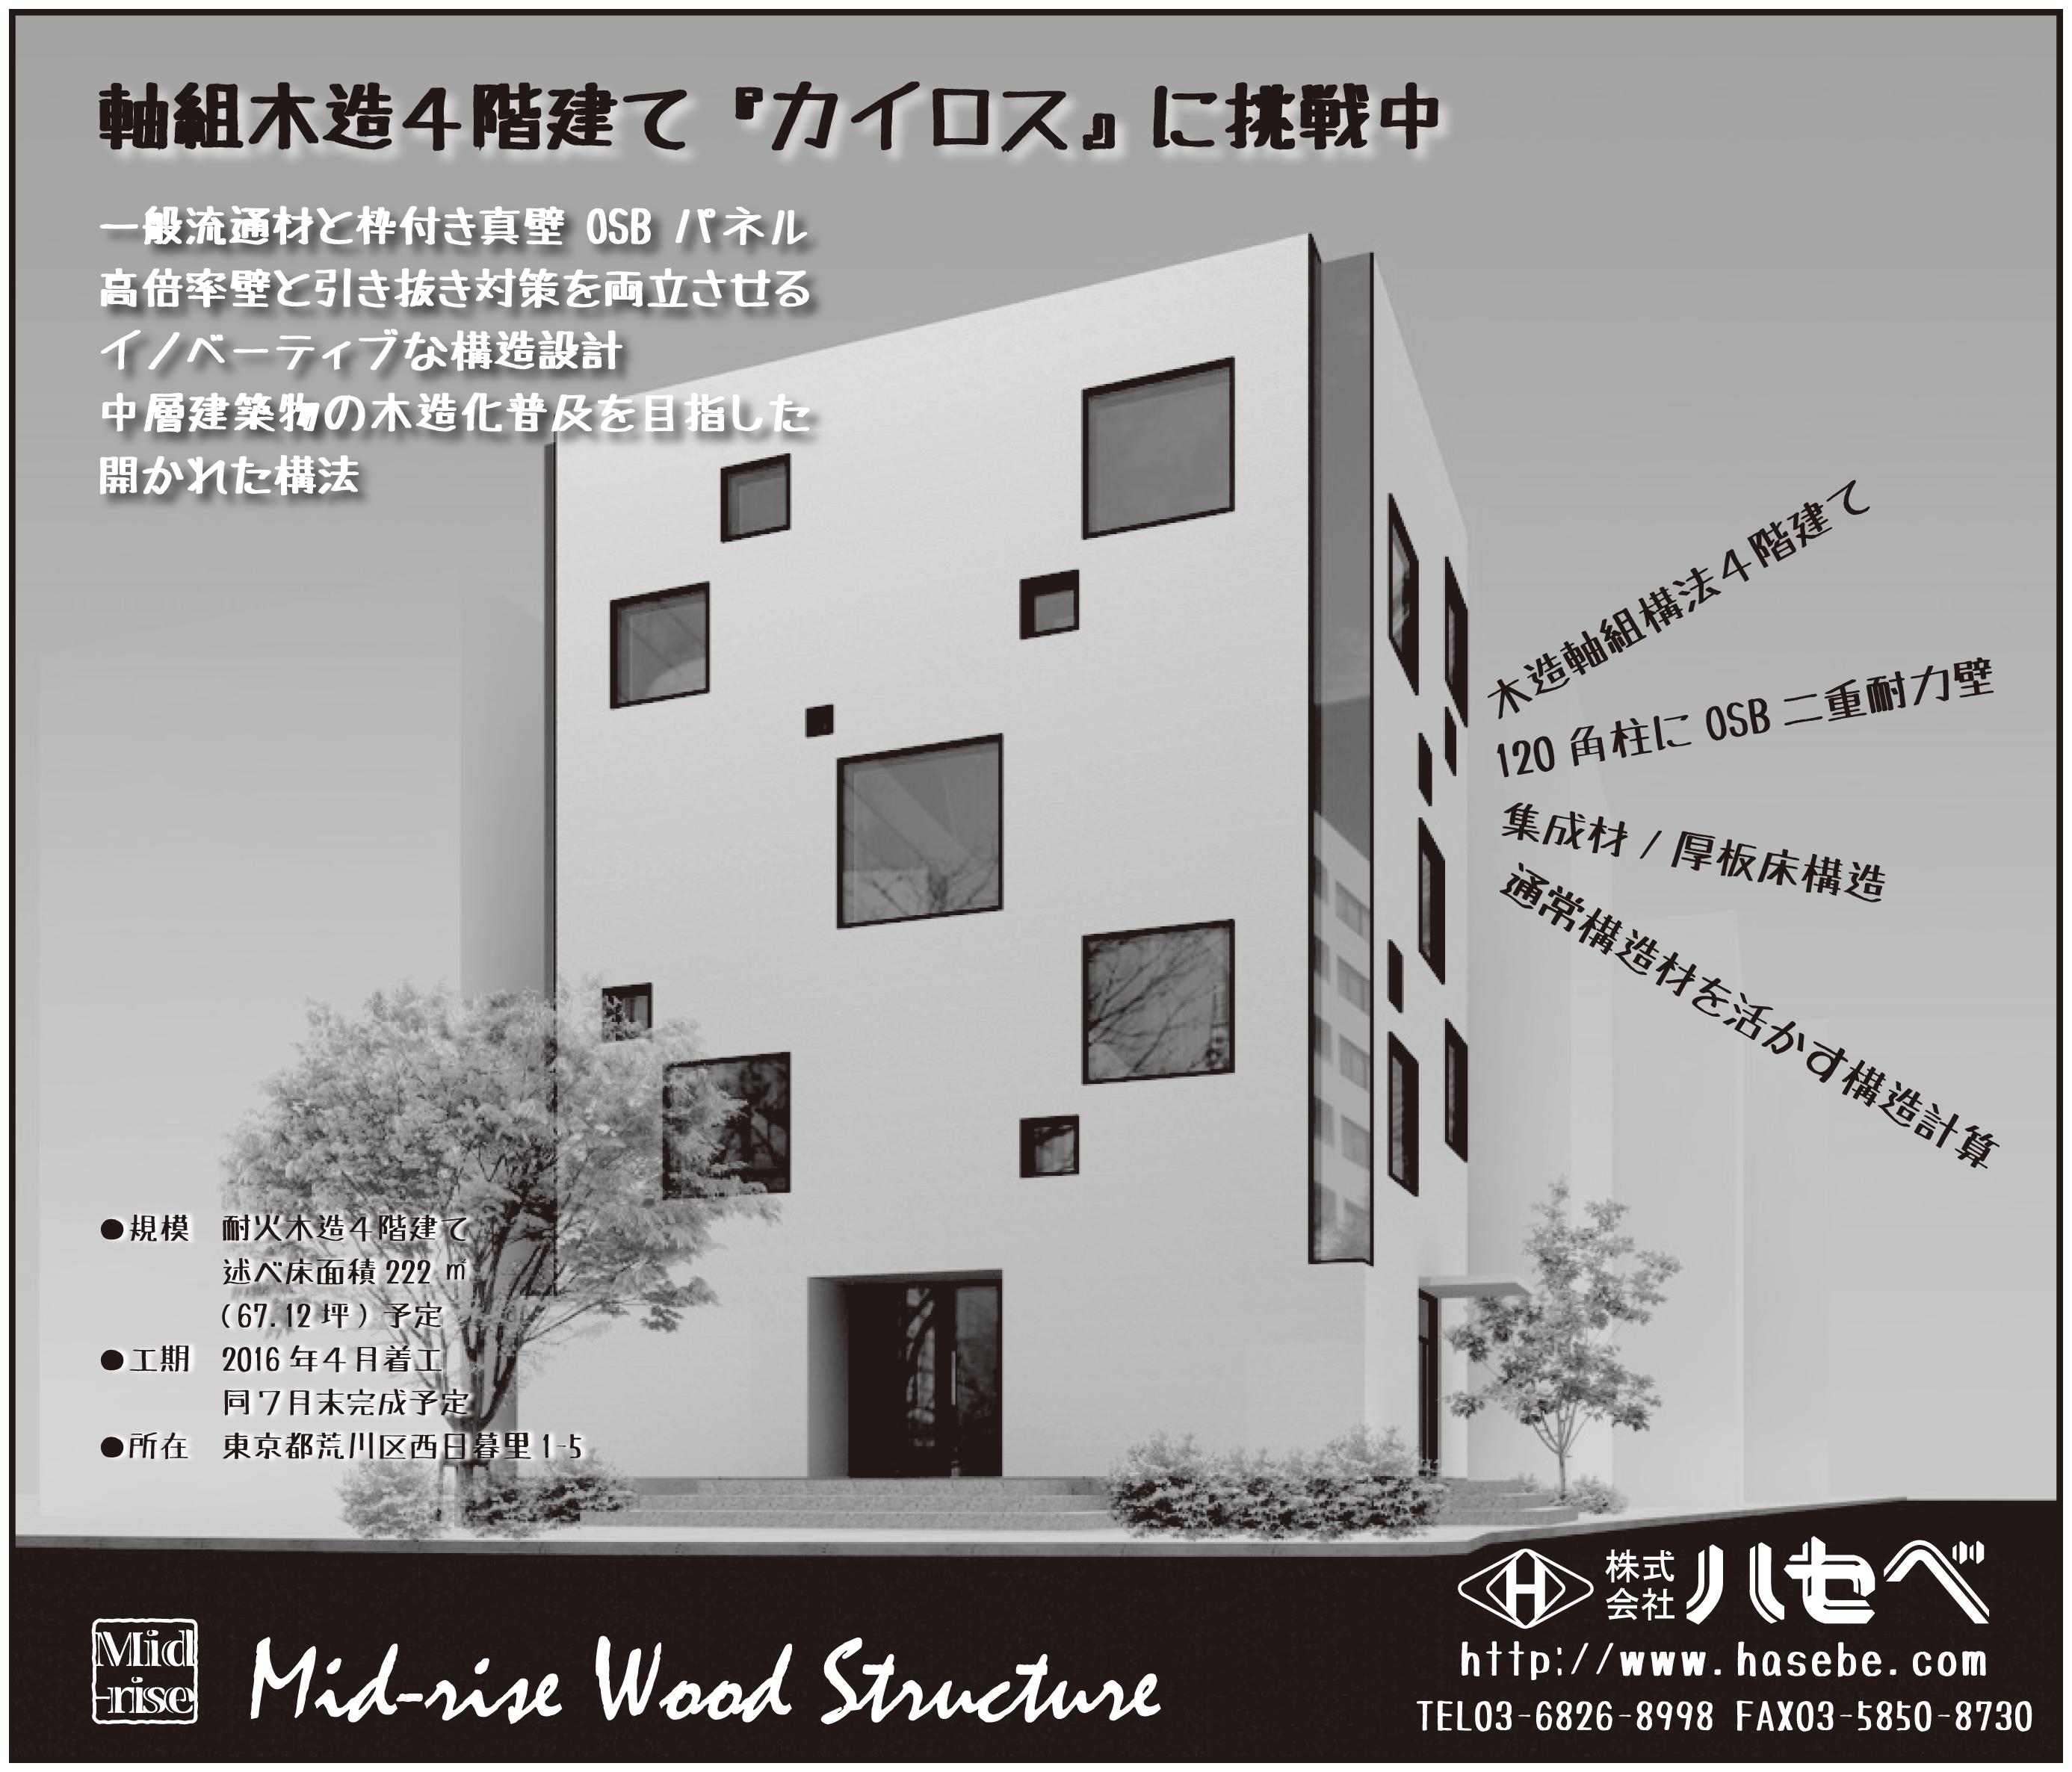 20160325日刊木材新聞広告